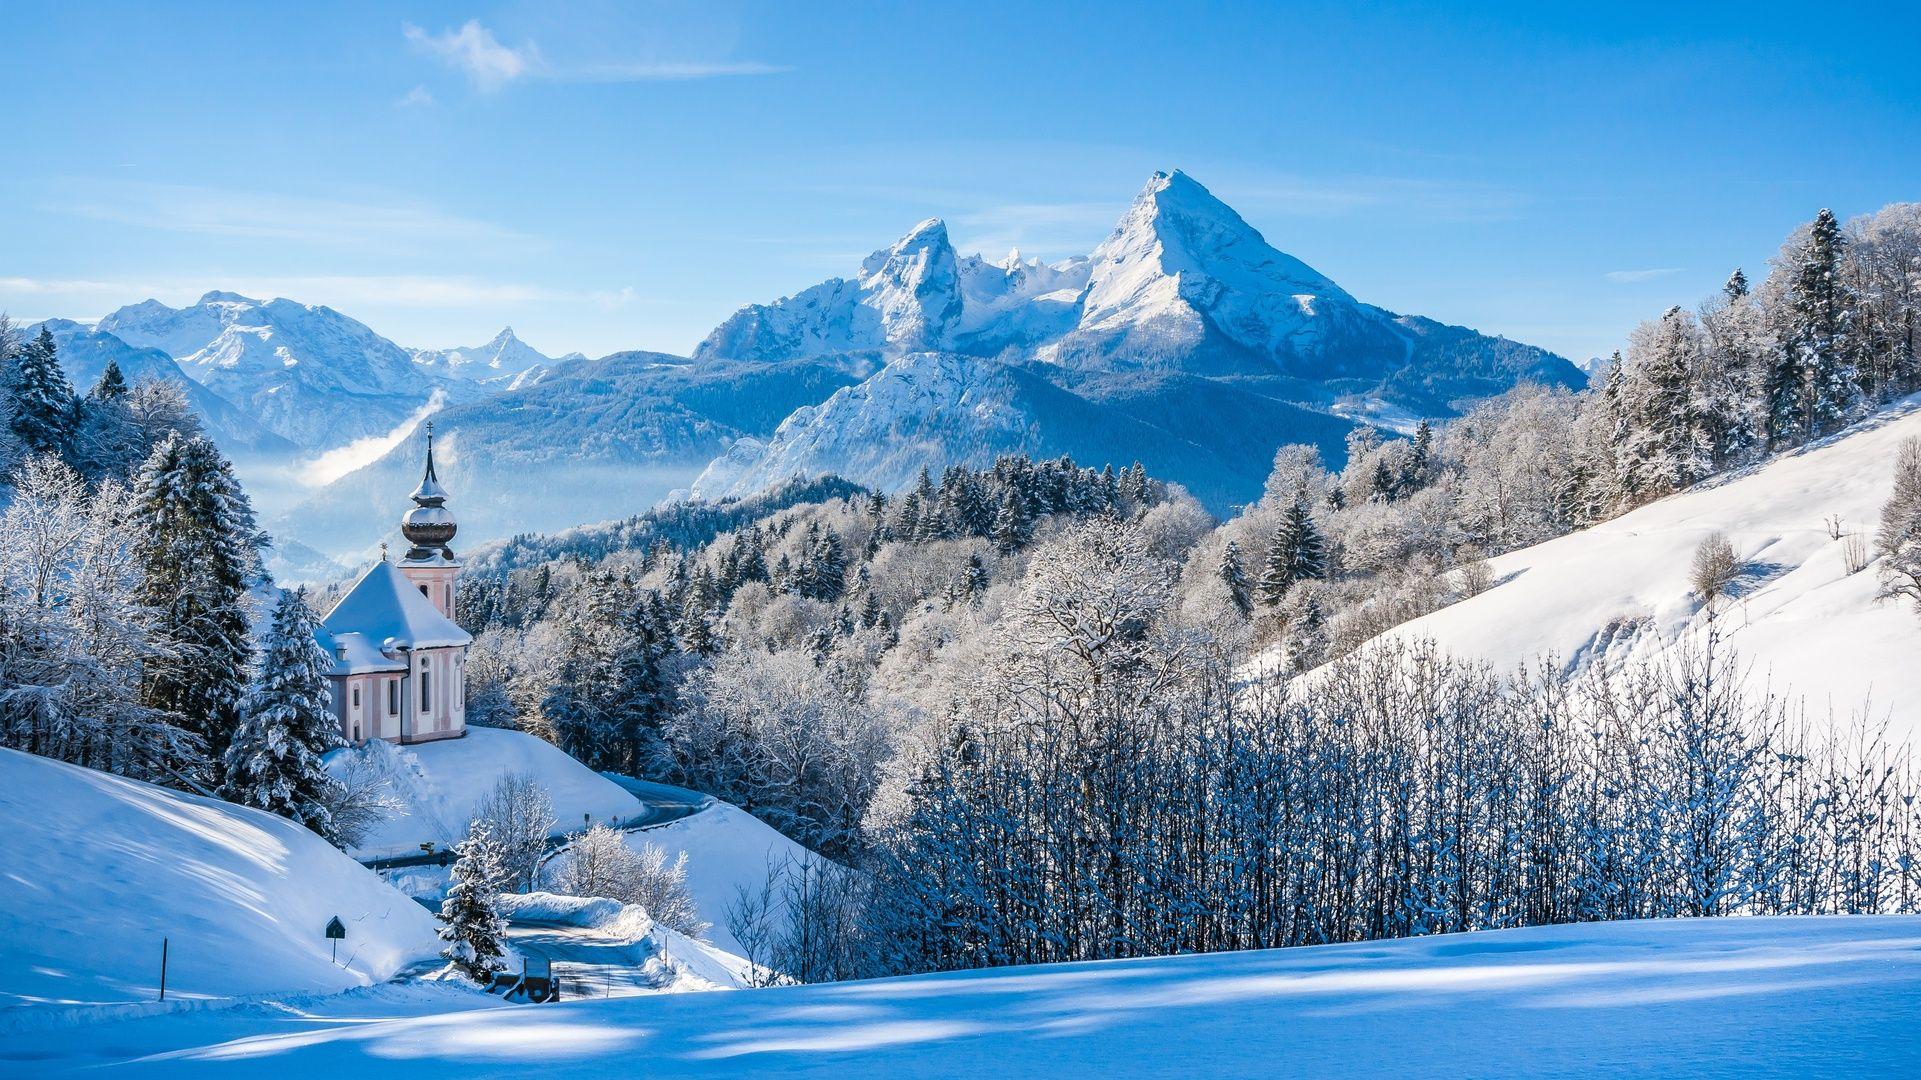 Landscape 4k Ultra Hd Wallpaper Winter Landscape With Snow